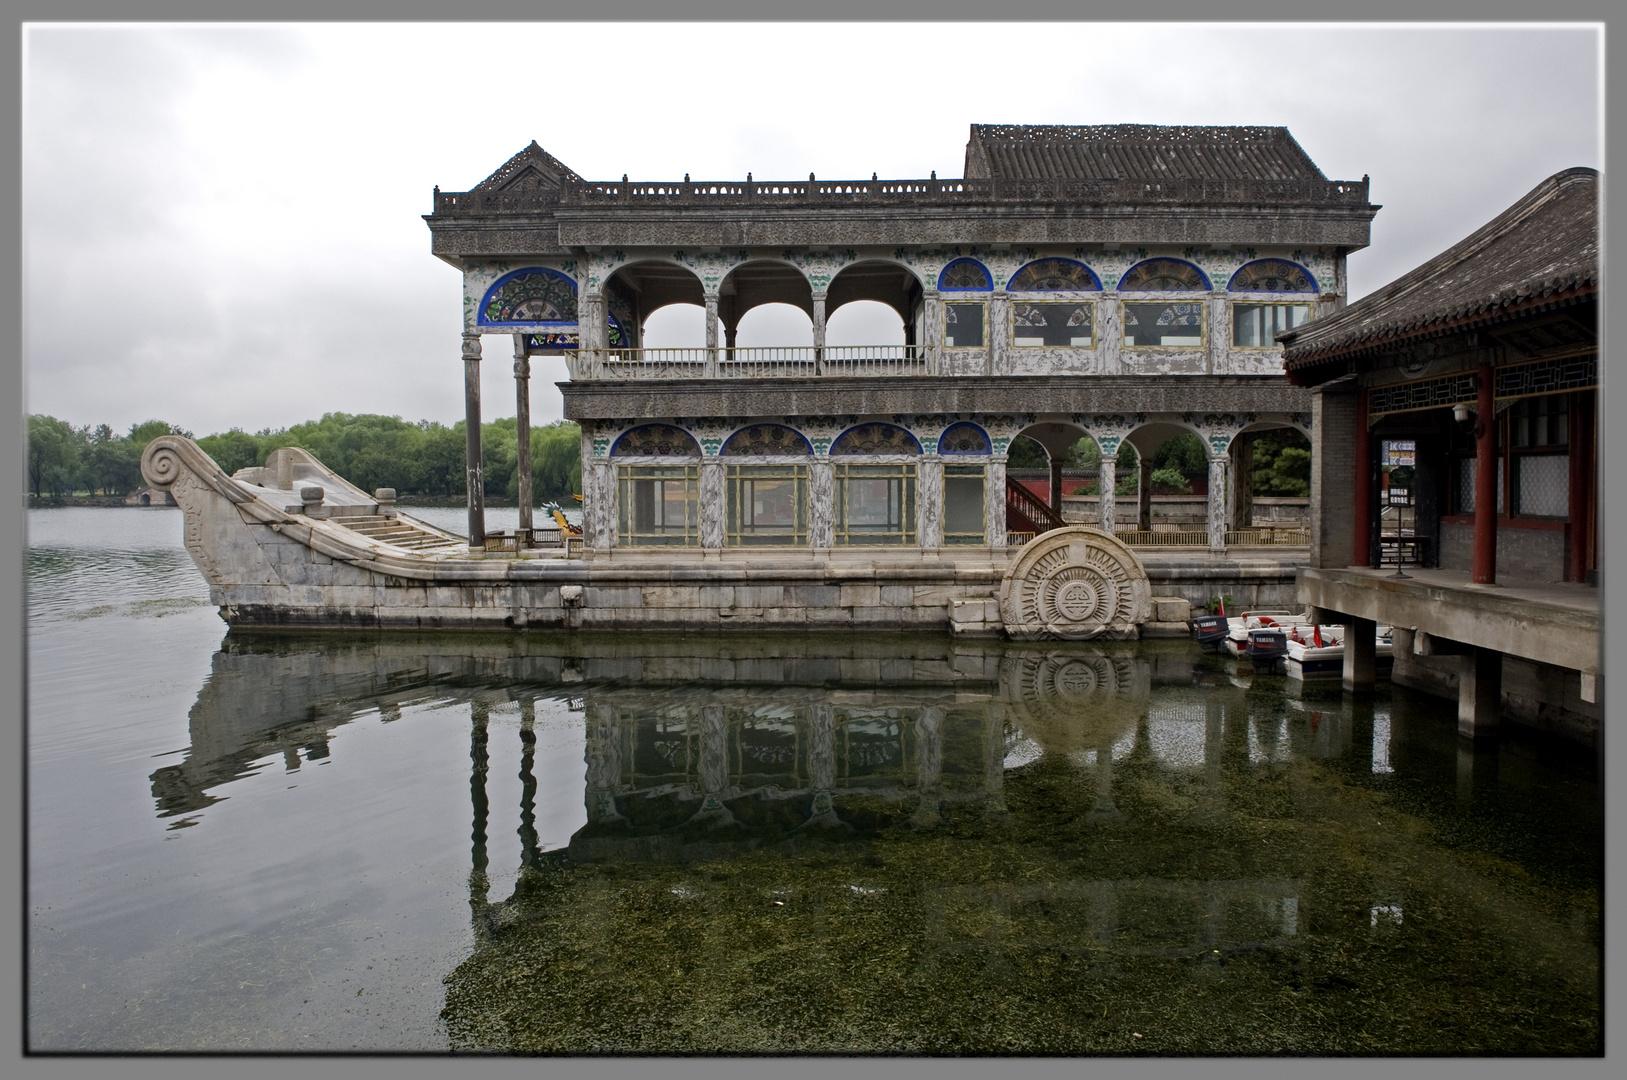 Le bateau en marbre de l'Impératrice douairière Cixi